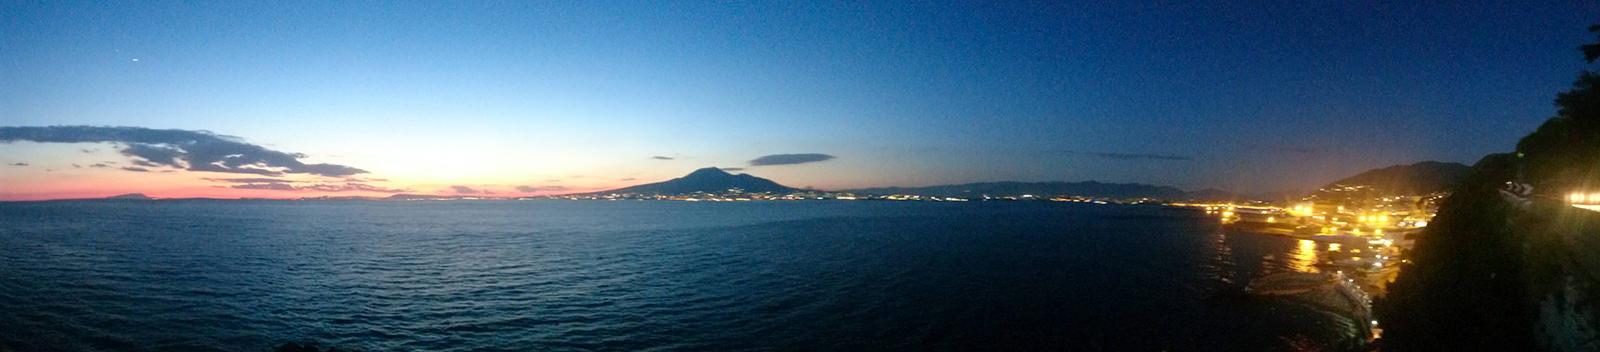 Suonare a Napoli, un'esperienza sempre fantastica ed una città da scoprire